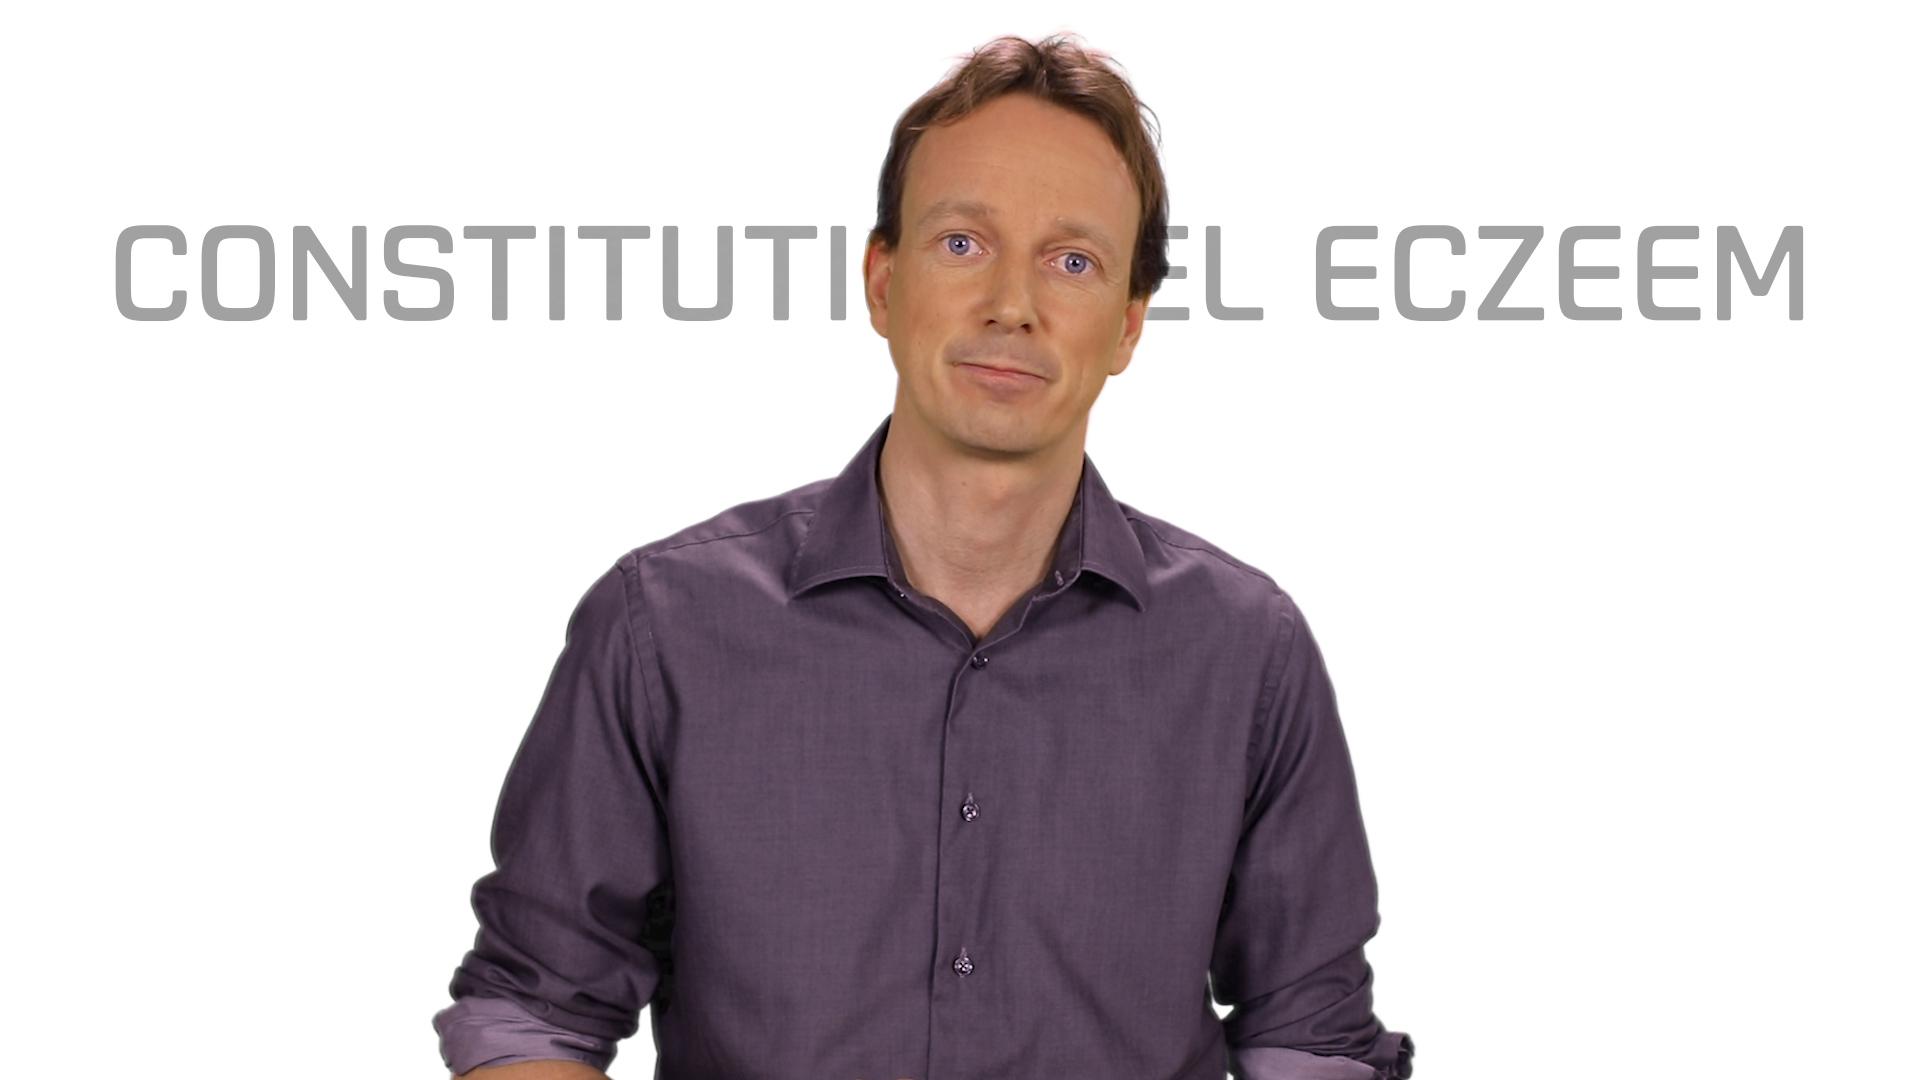 Bekijk de video: Constitutioneel eczeem